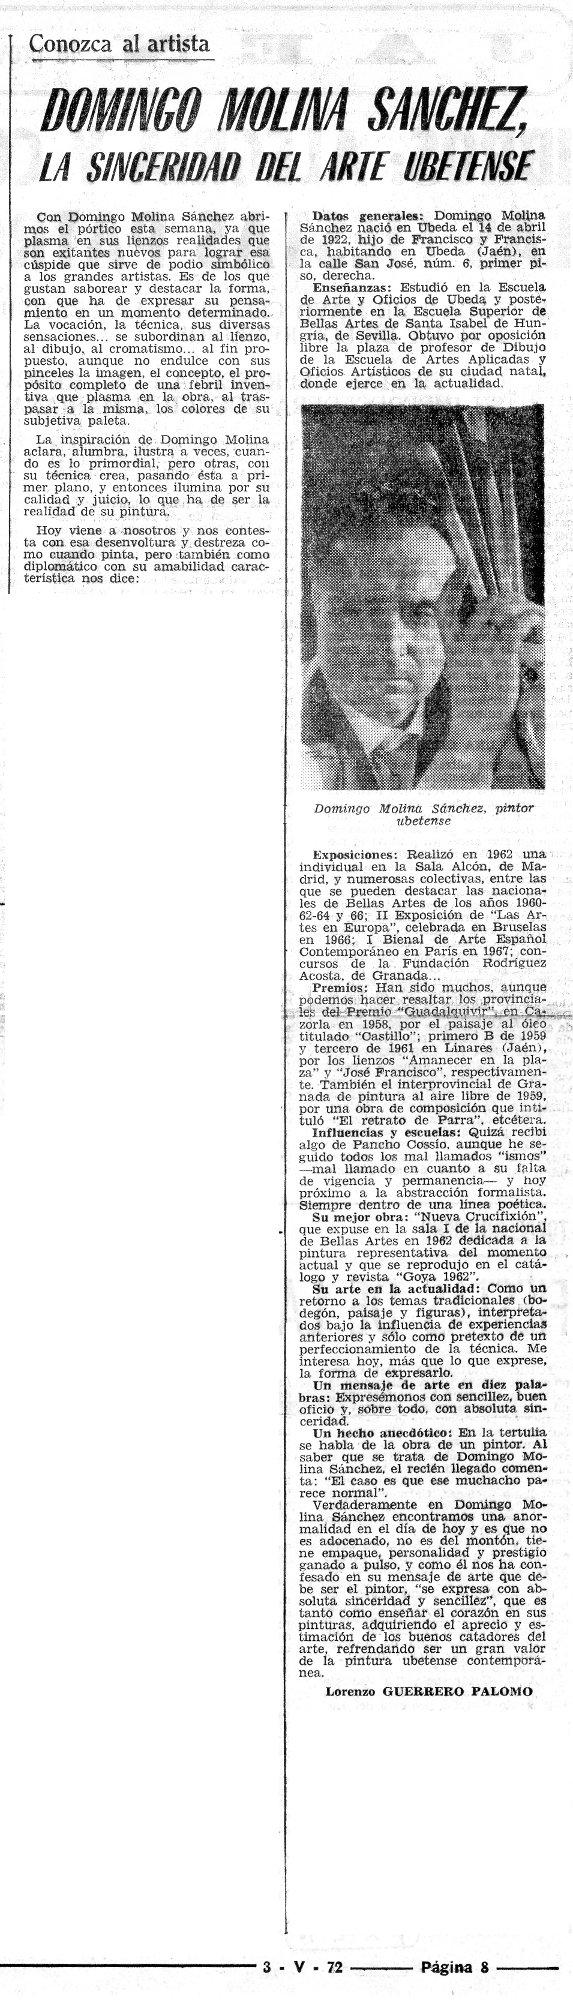 diario cadiz abril 1971: